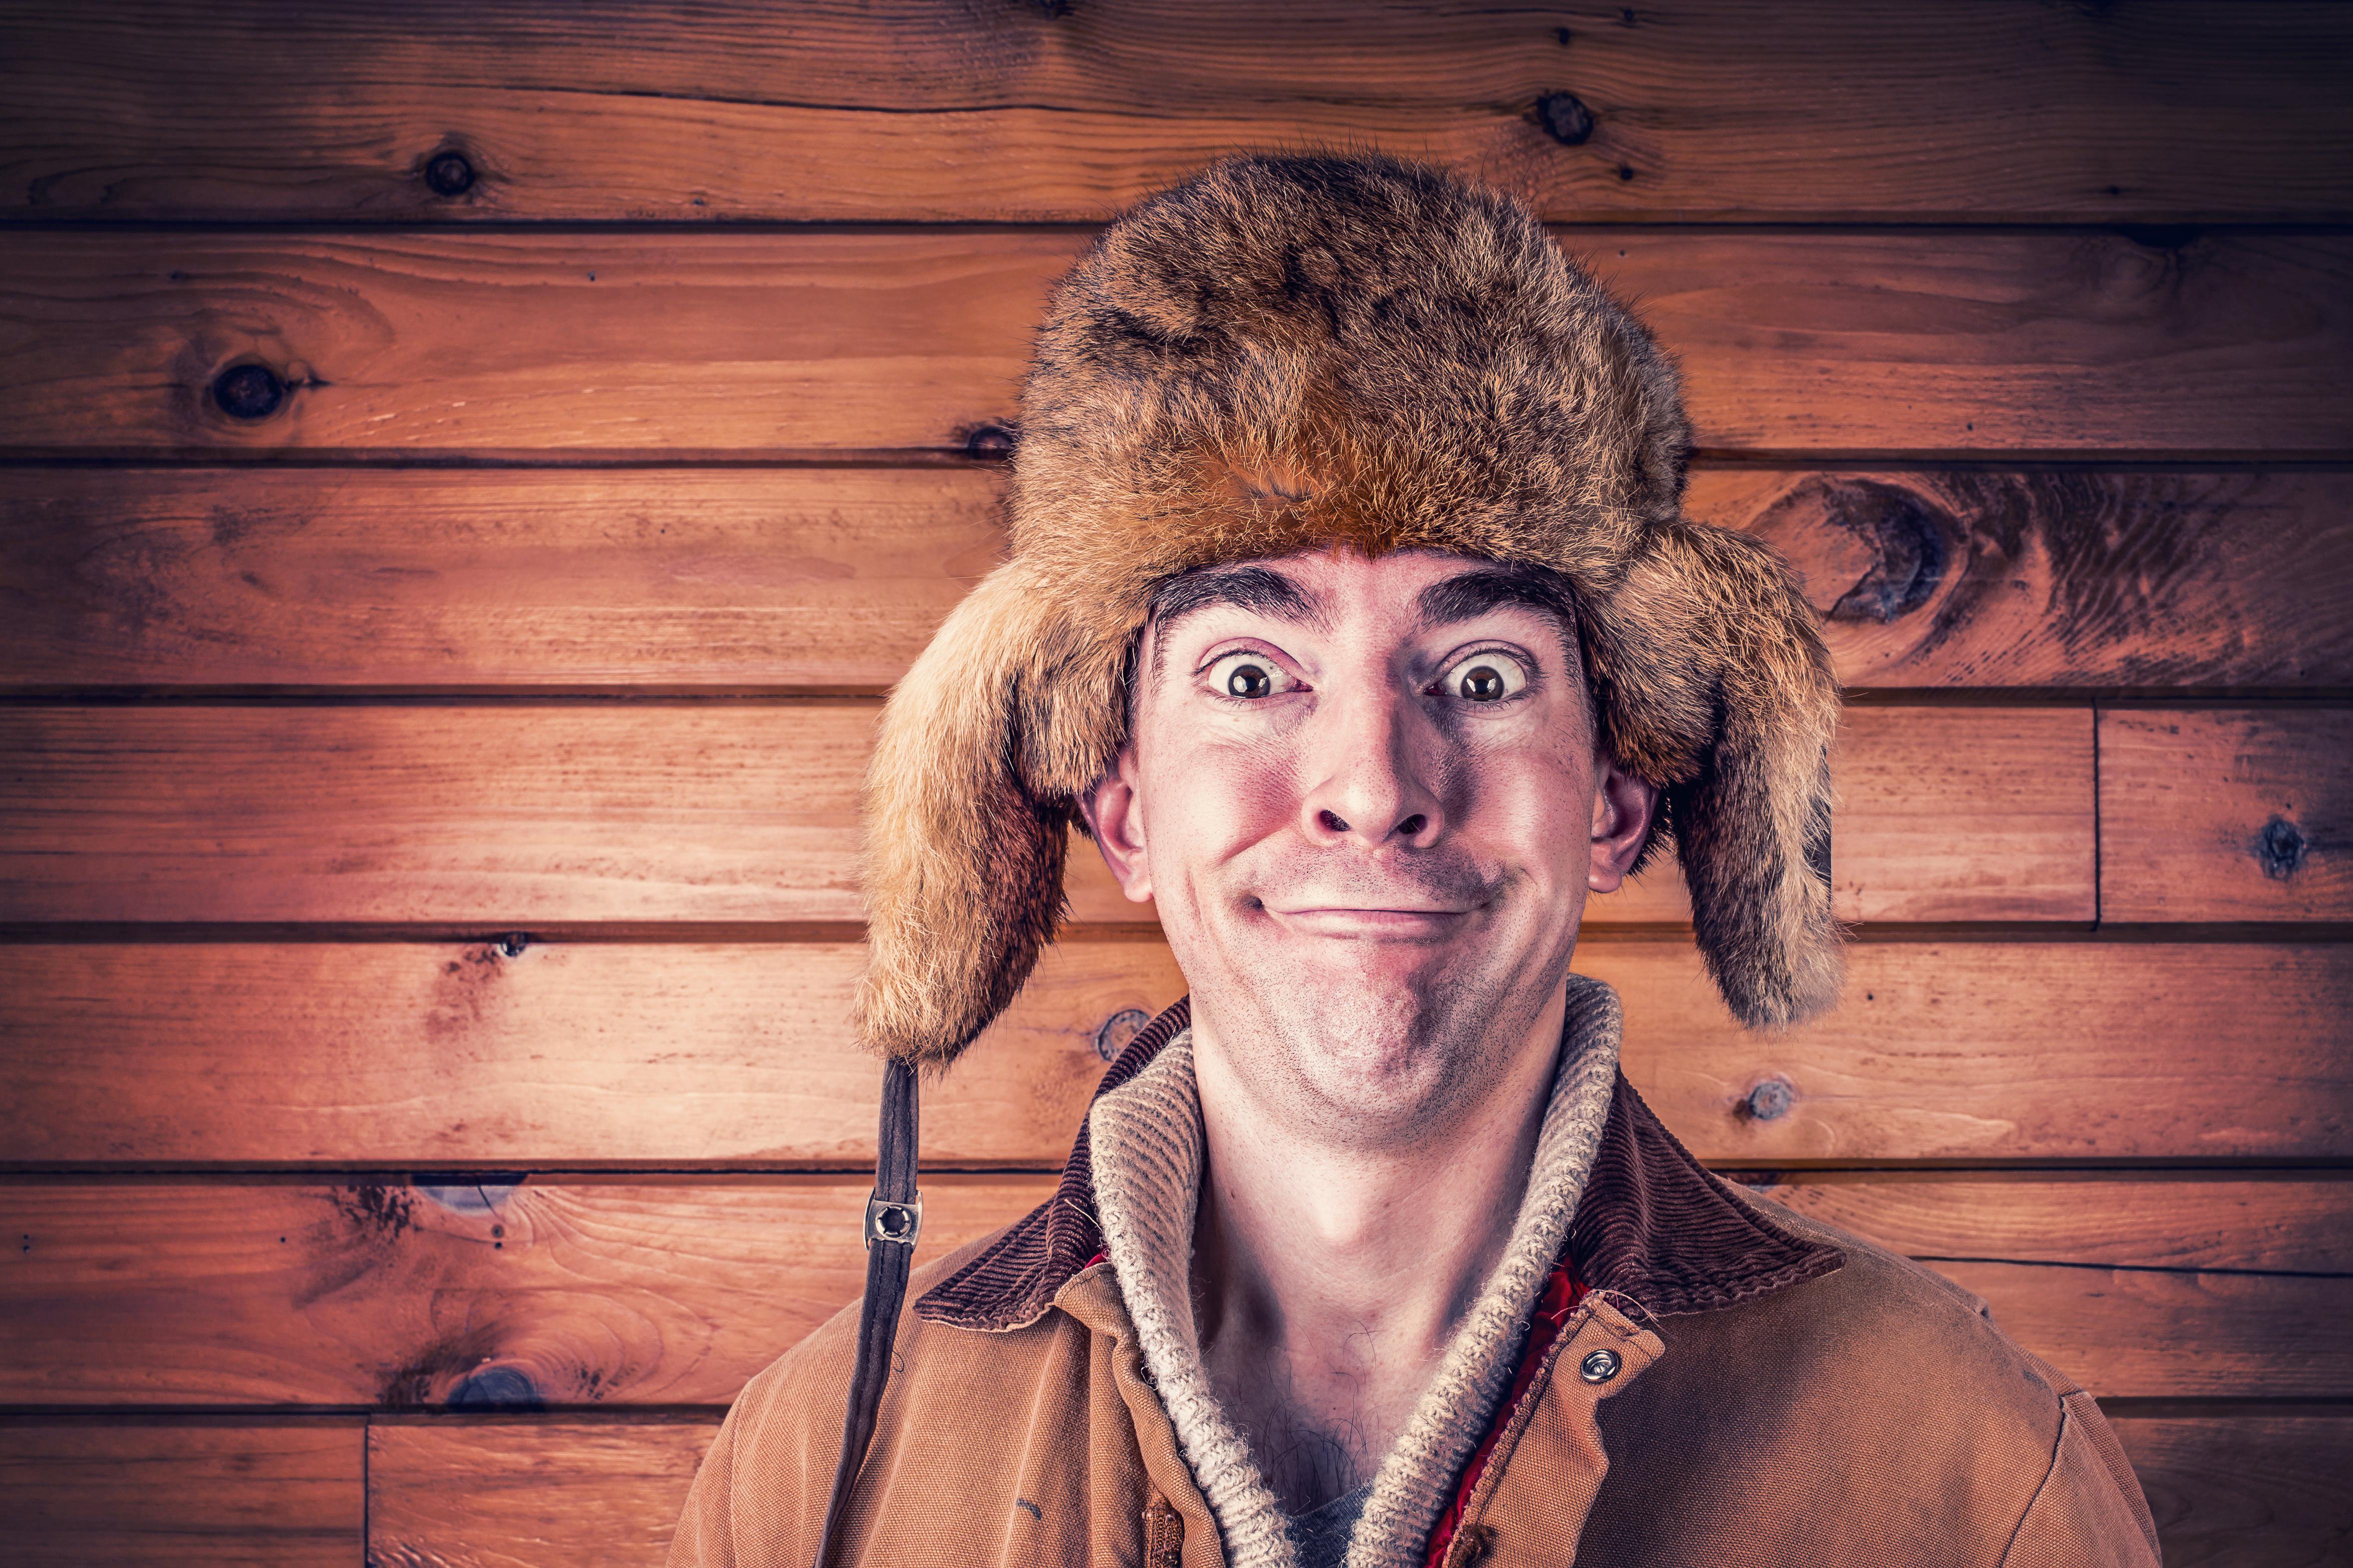 Улыбка продлевает жизнь. Причем, и тем, кто улыбается, и тем, кому улыбаются. Фото: www.gratisography.com